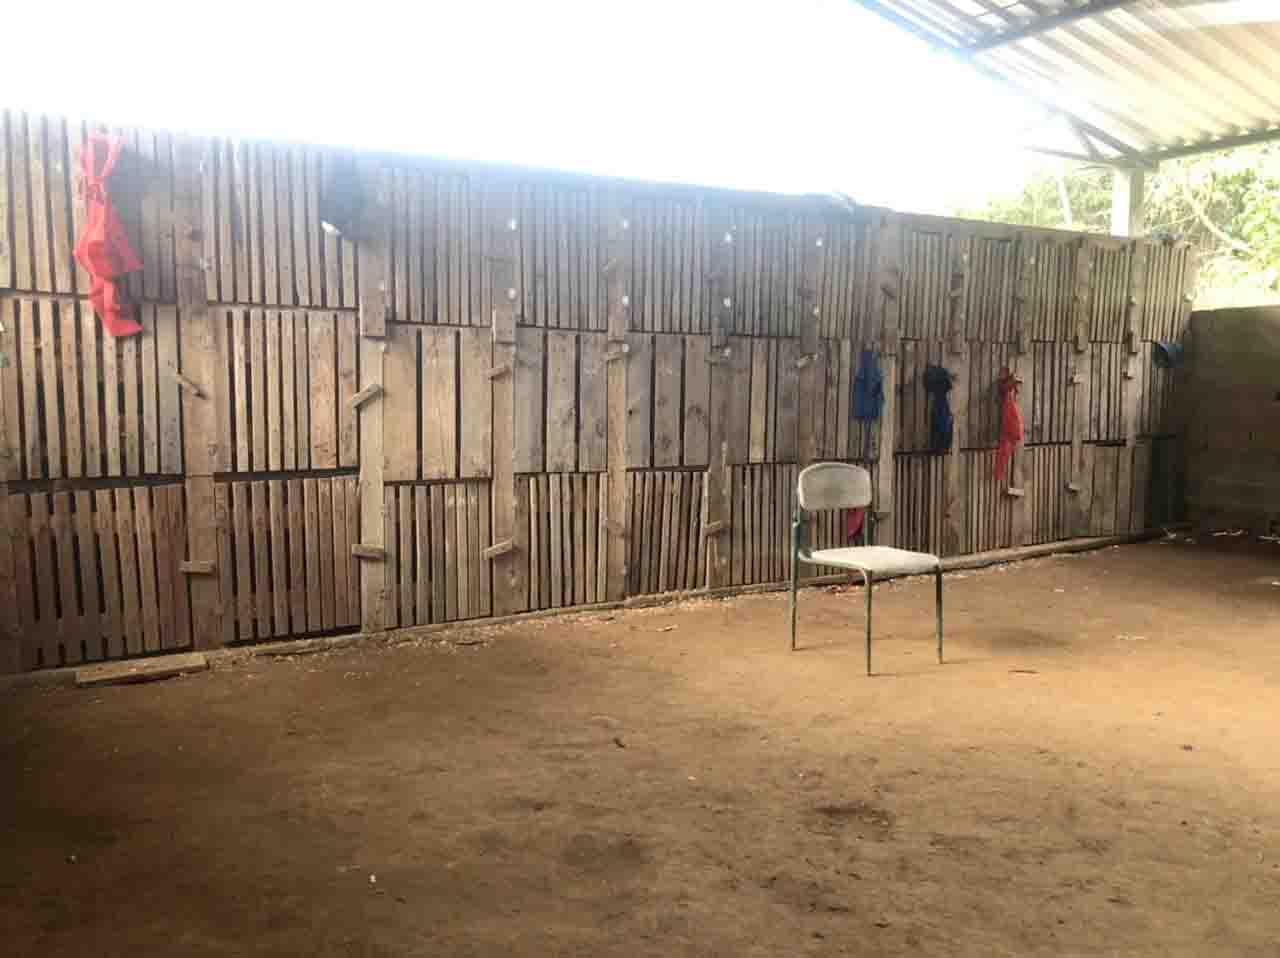 PM frustra rinha de galo em Bom Jardim (RJ), após denúncia de maus-tratos de animais